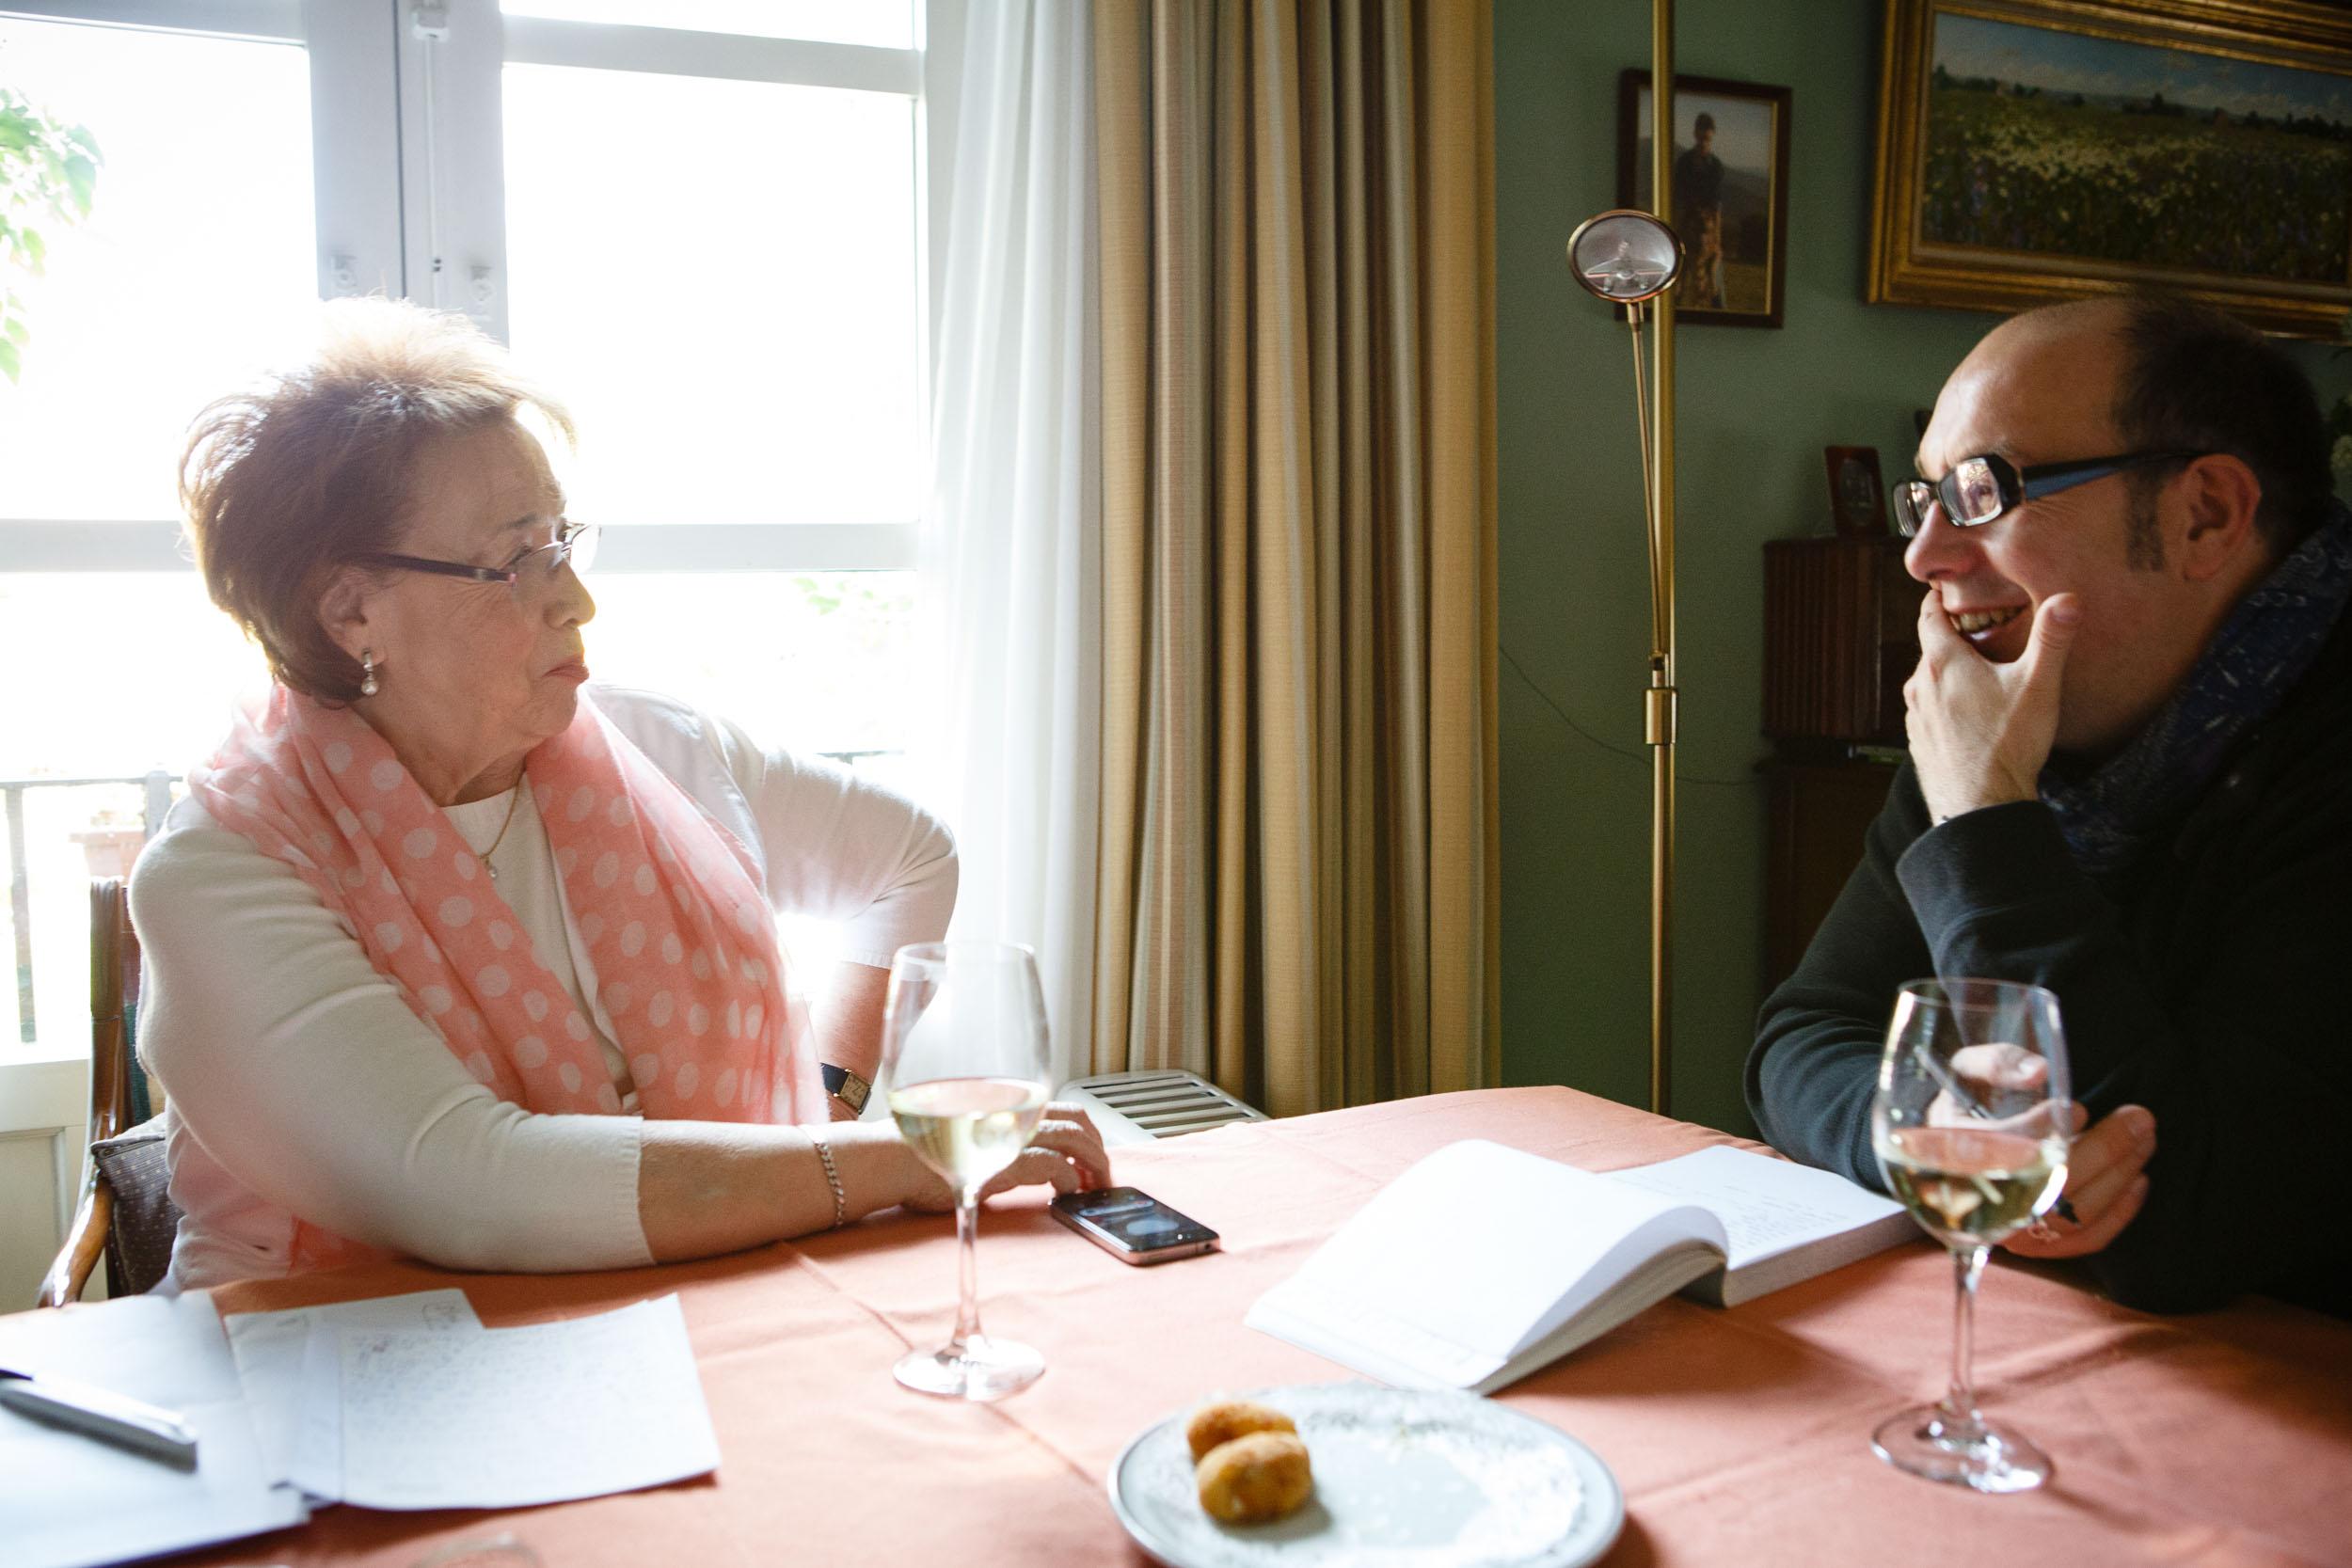 14/11/12 Sesión de fotos con Marisa Sánchez en Hotel Echaurren, Ezcaray, La Rioja, España. Foto por James Sturcke Fotografía | www.sturcke.org